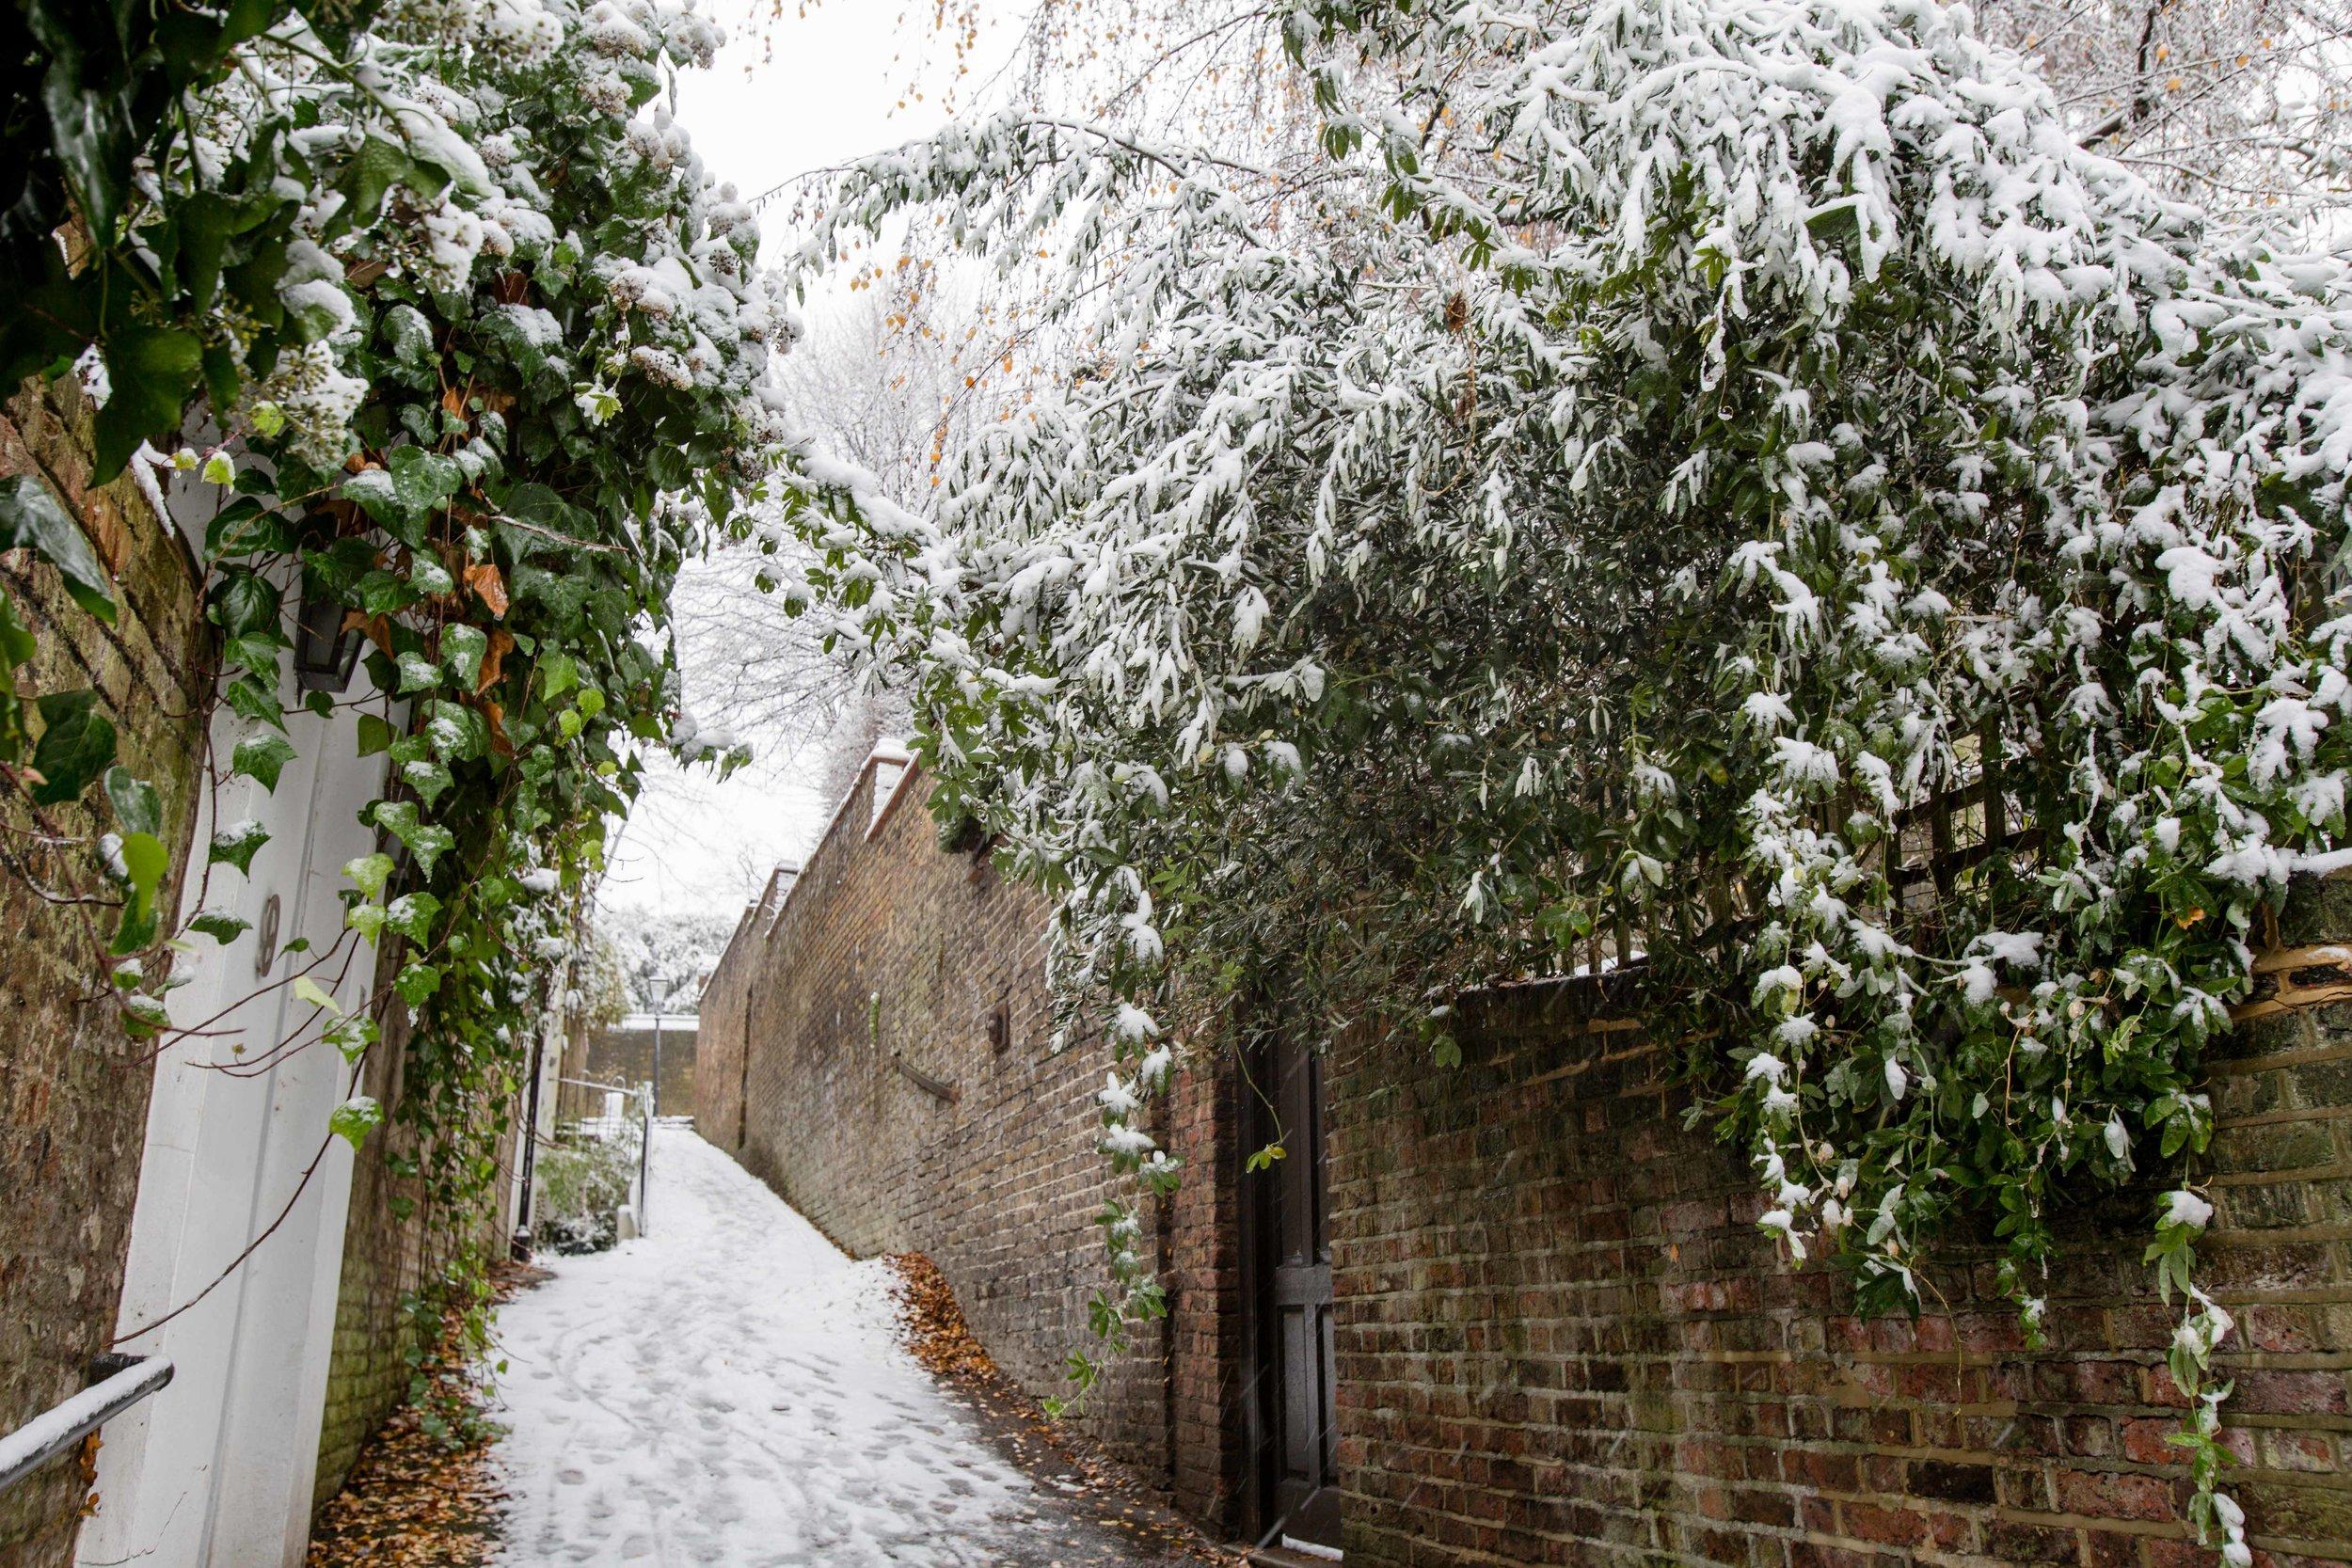 hampstead snow London 2017 Diana von r